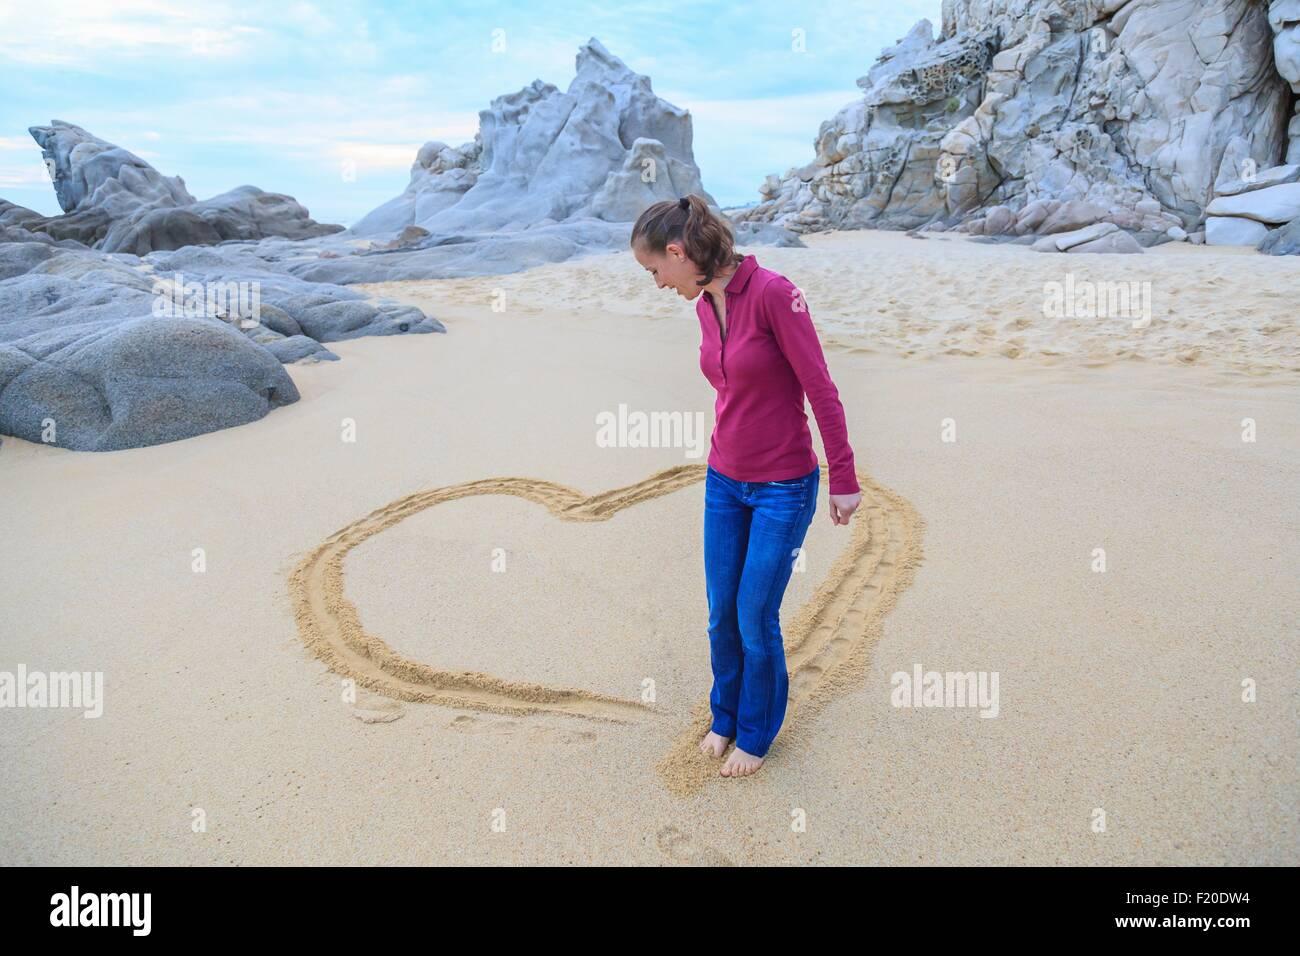 Mitte Erwachsene Frau am Strand, Zeichnung Herzform mit Füßen Stockfoto